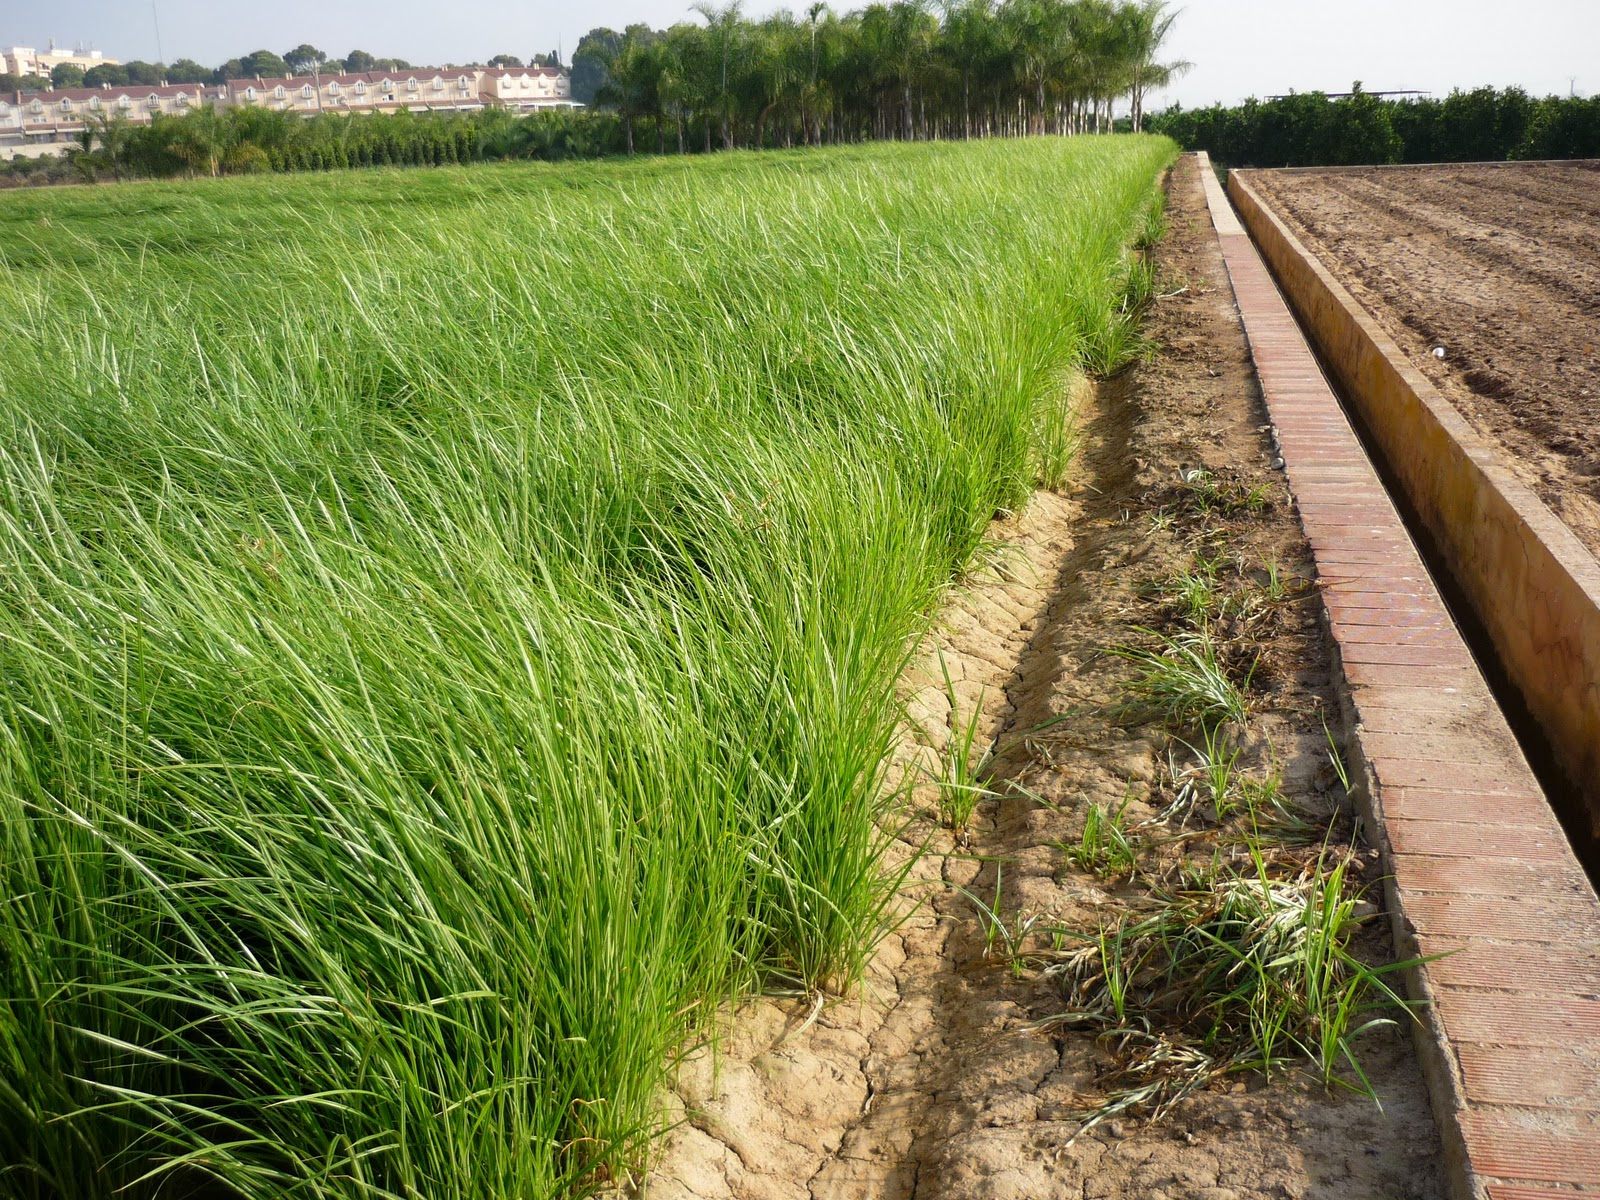 Crea tu jard n la agricultura ecol gica contra el cambio for Crea tu jardin